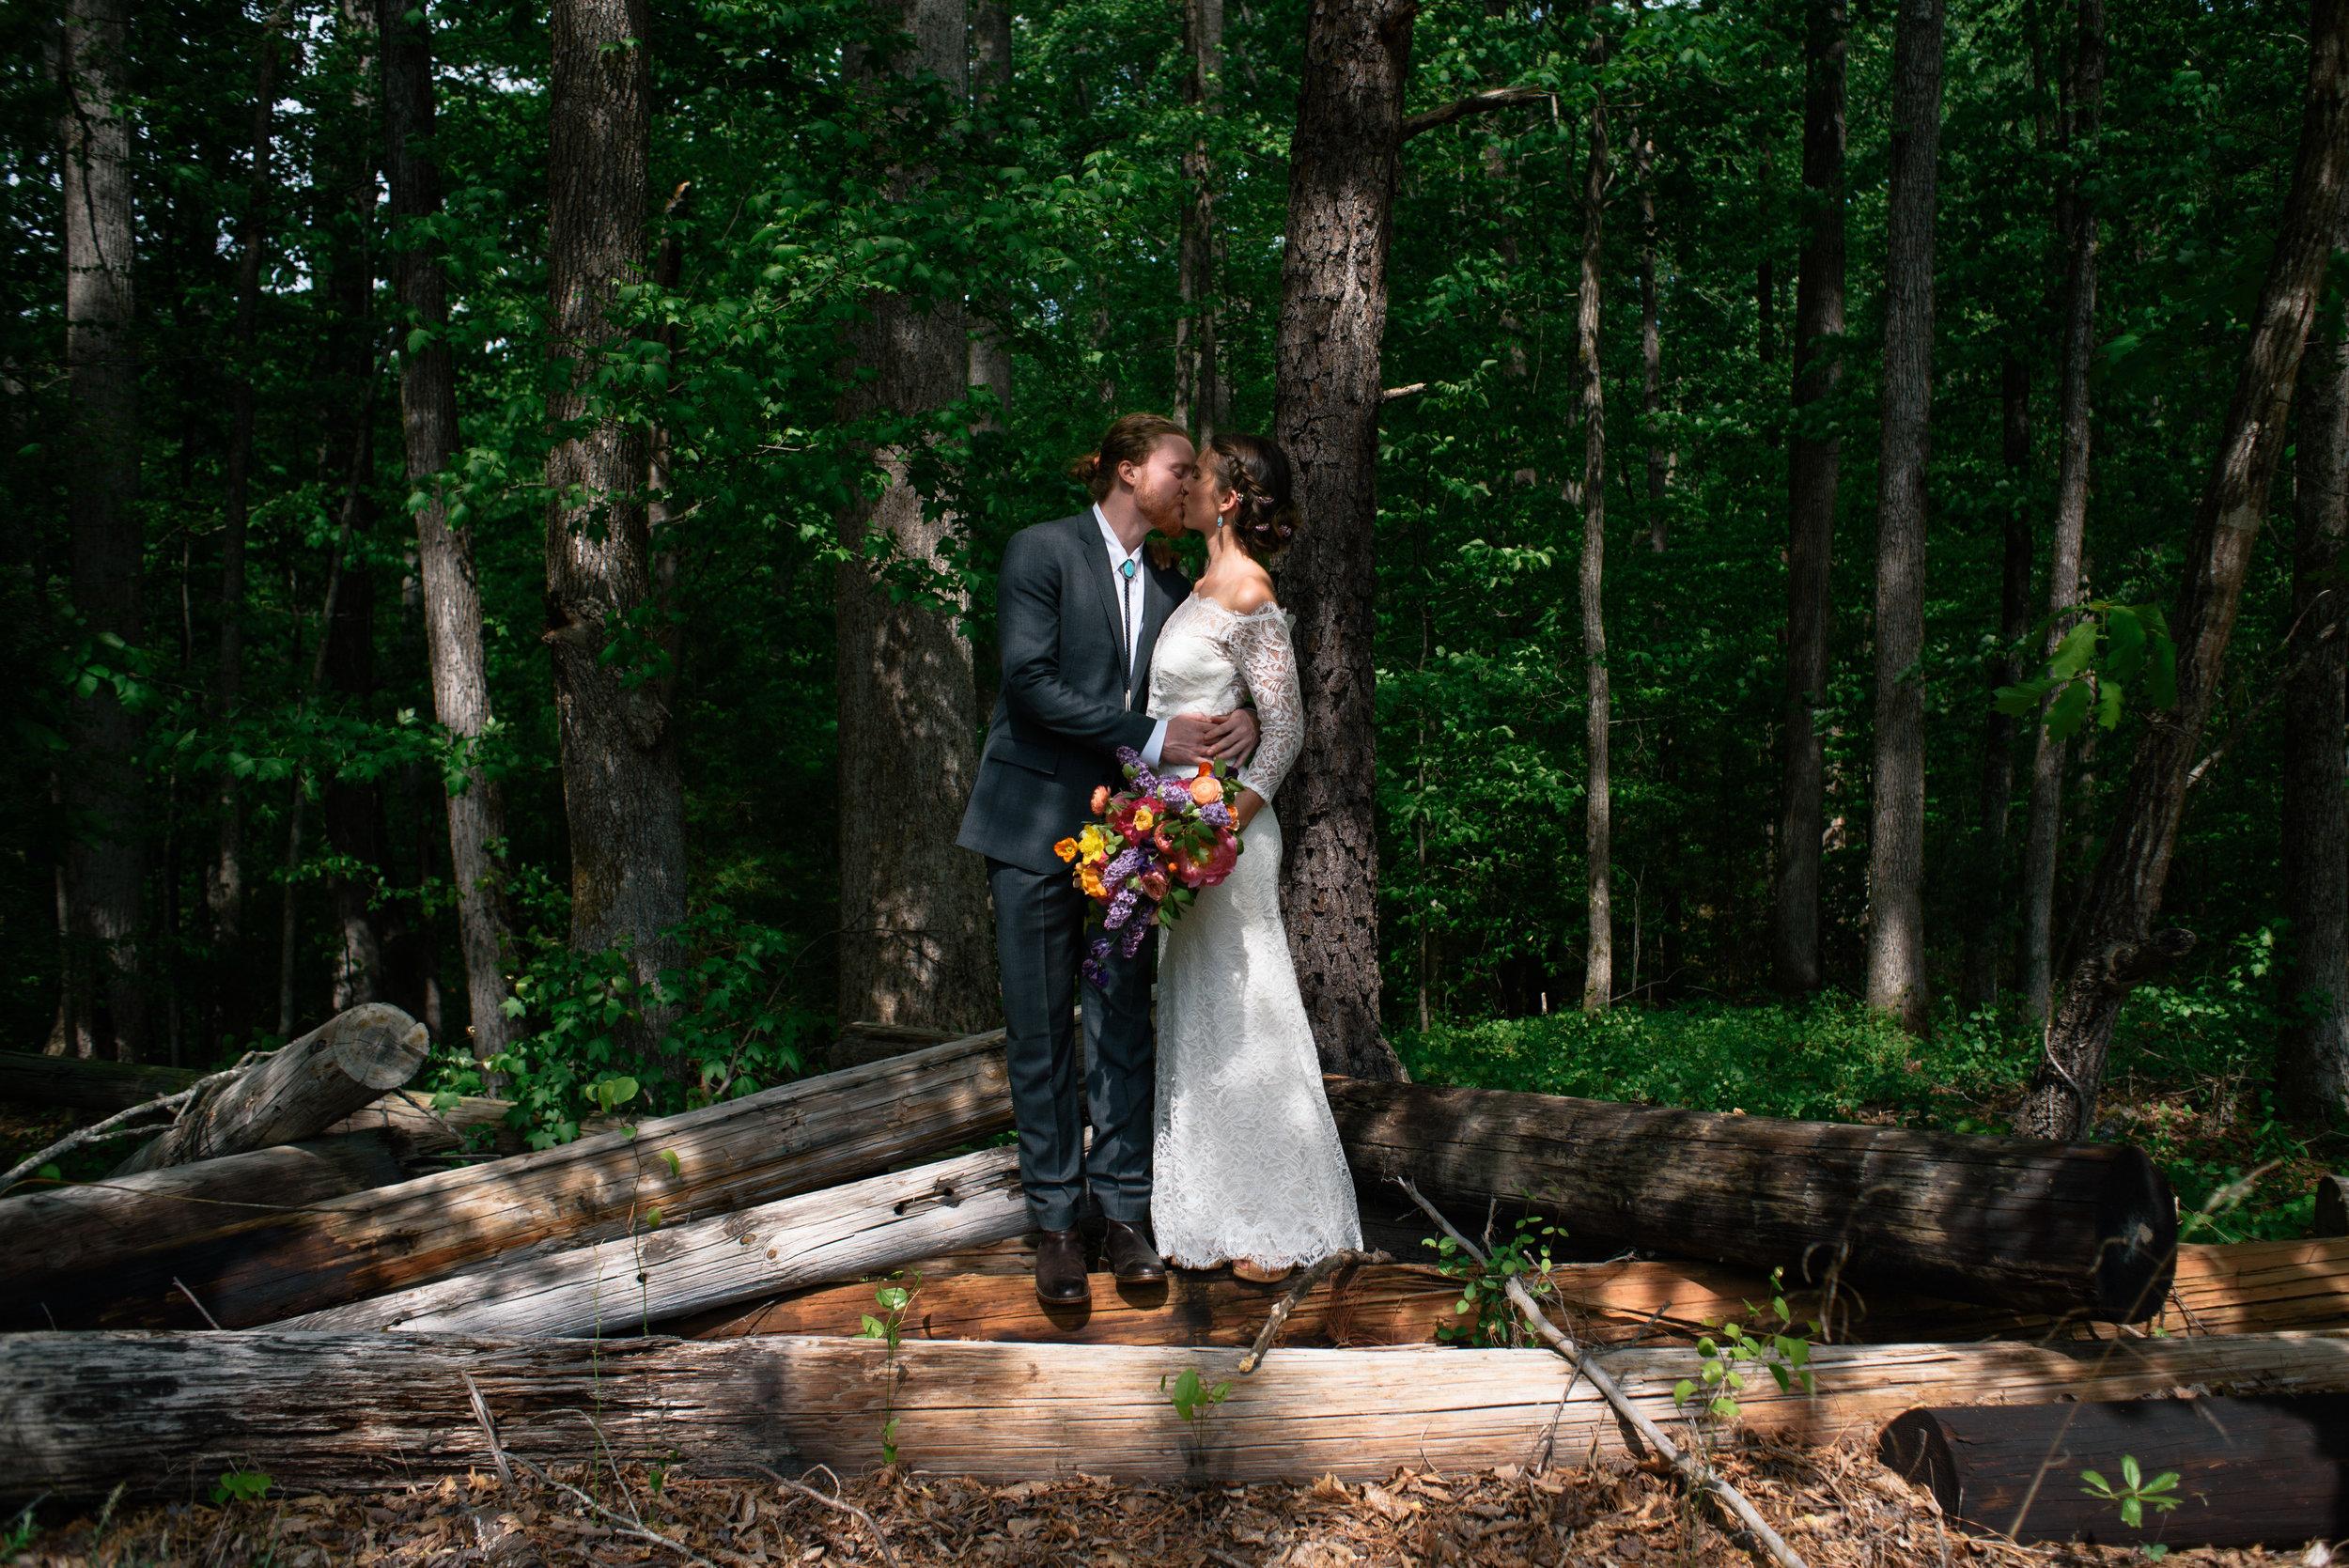 raleigh-elopement-photographer-raleigh-durham-wedding-maddie-and-devin- (41 of 162).jpg